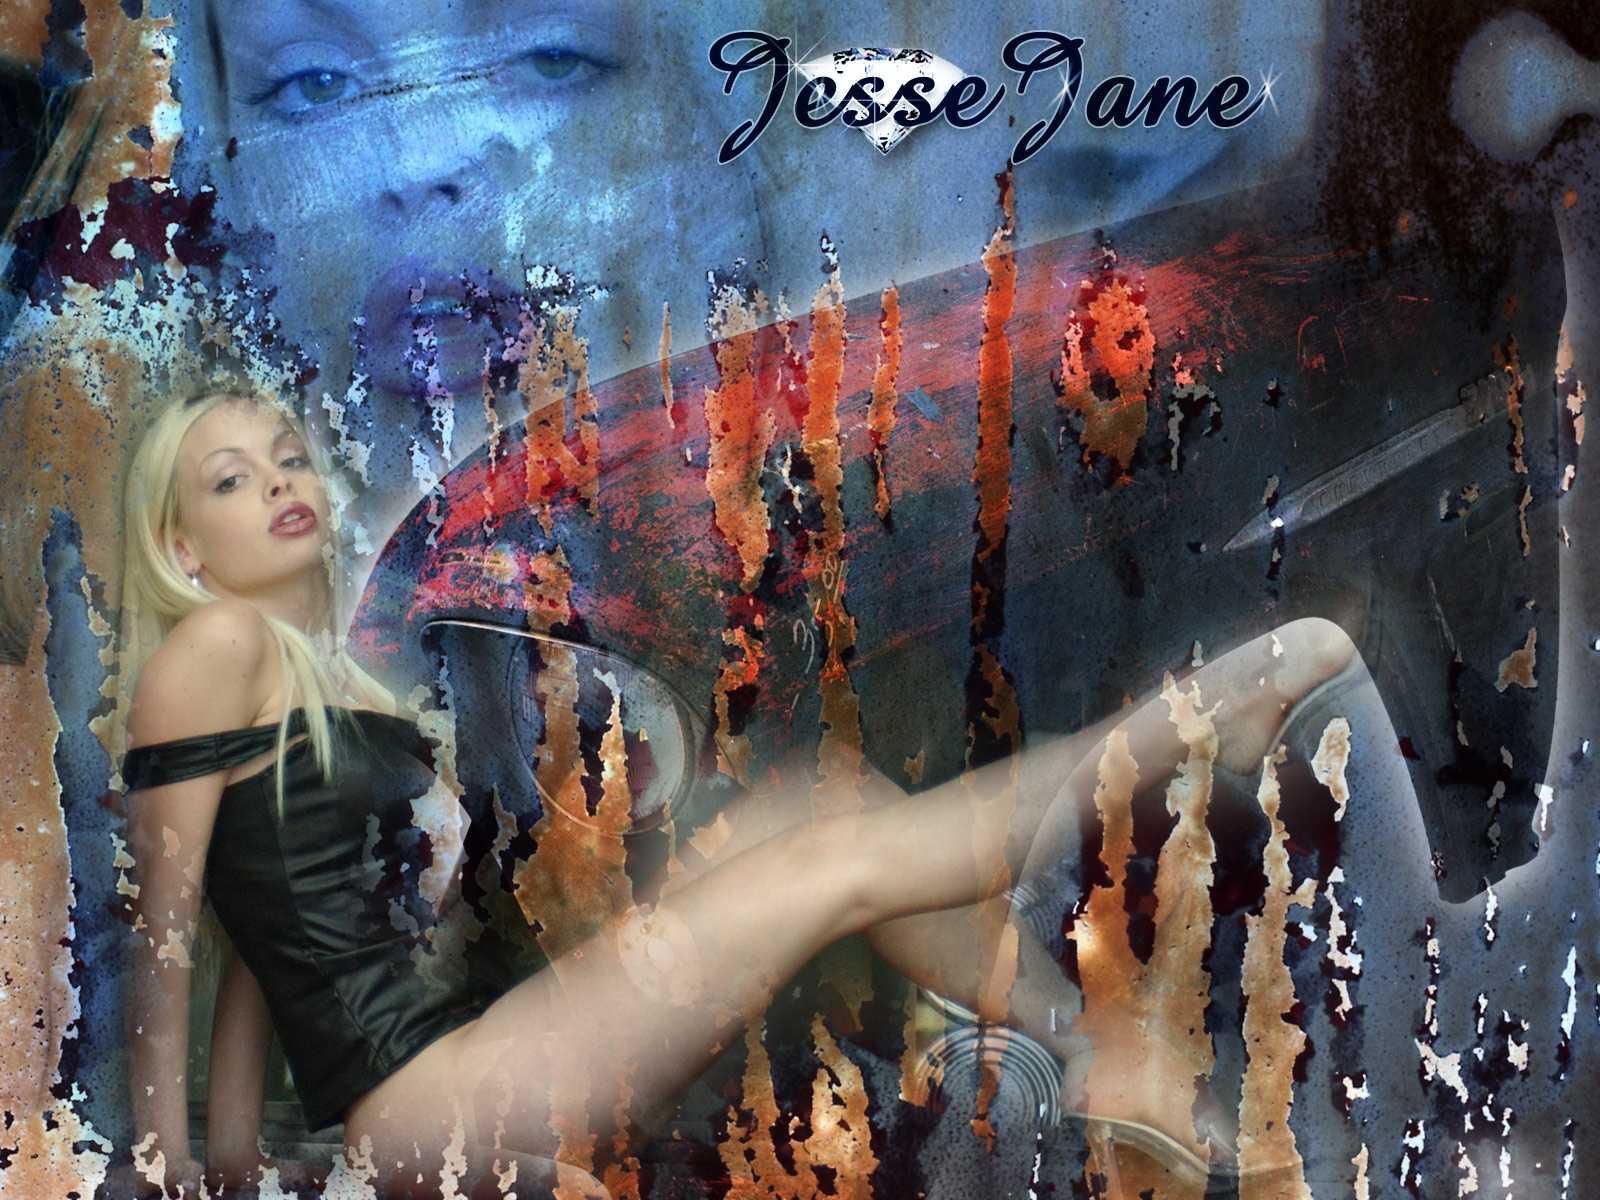 Jesse Jane